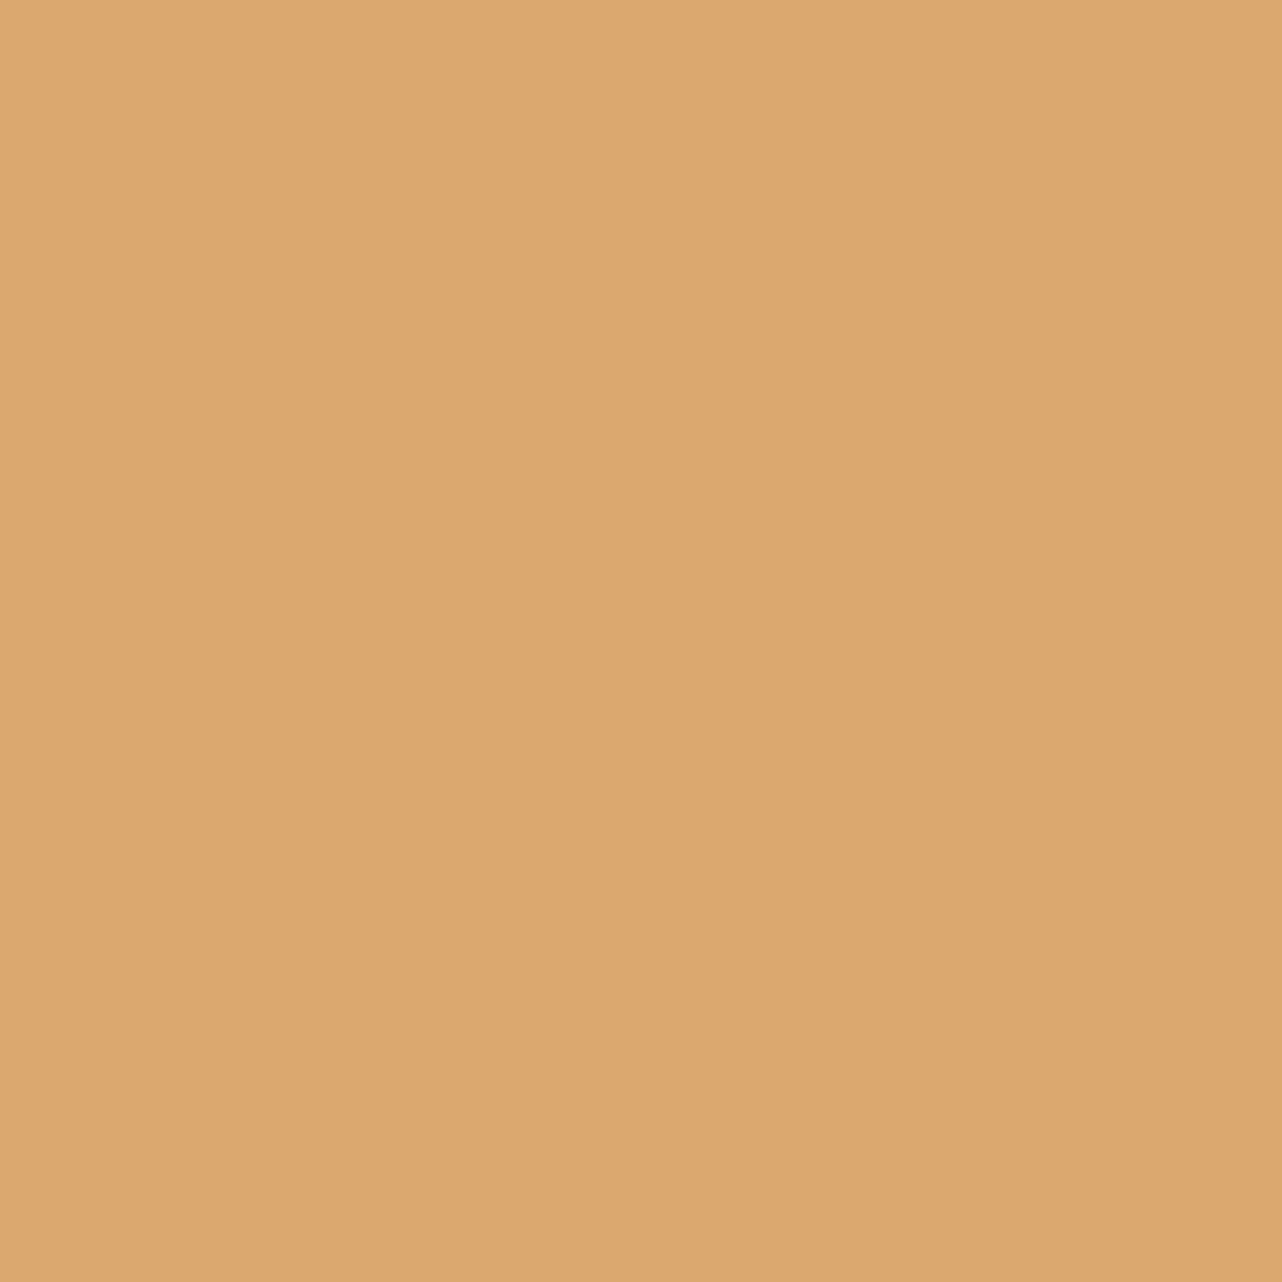 離れてキャリッジ地獄SANMIMORE(サンミモレ化粧品) UVパクト 50号ライトオークル (レフィル 替パフ付)